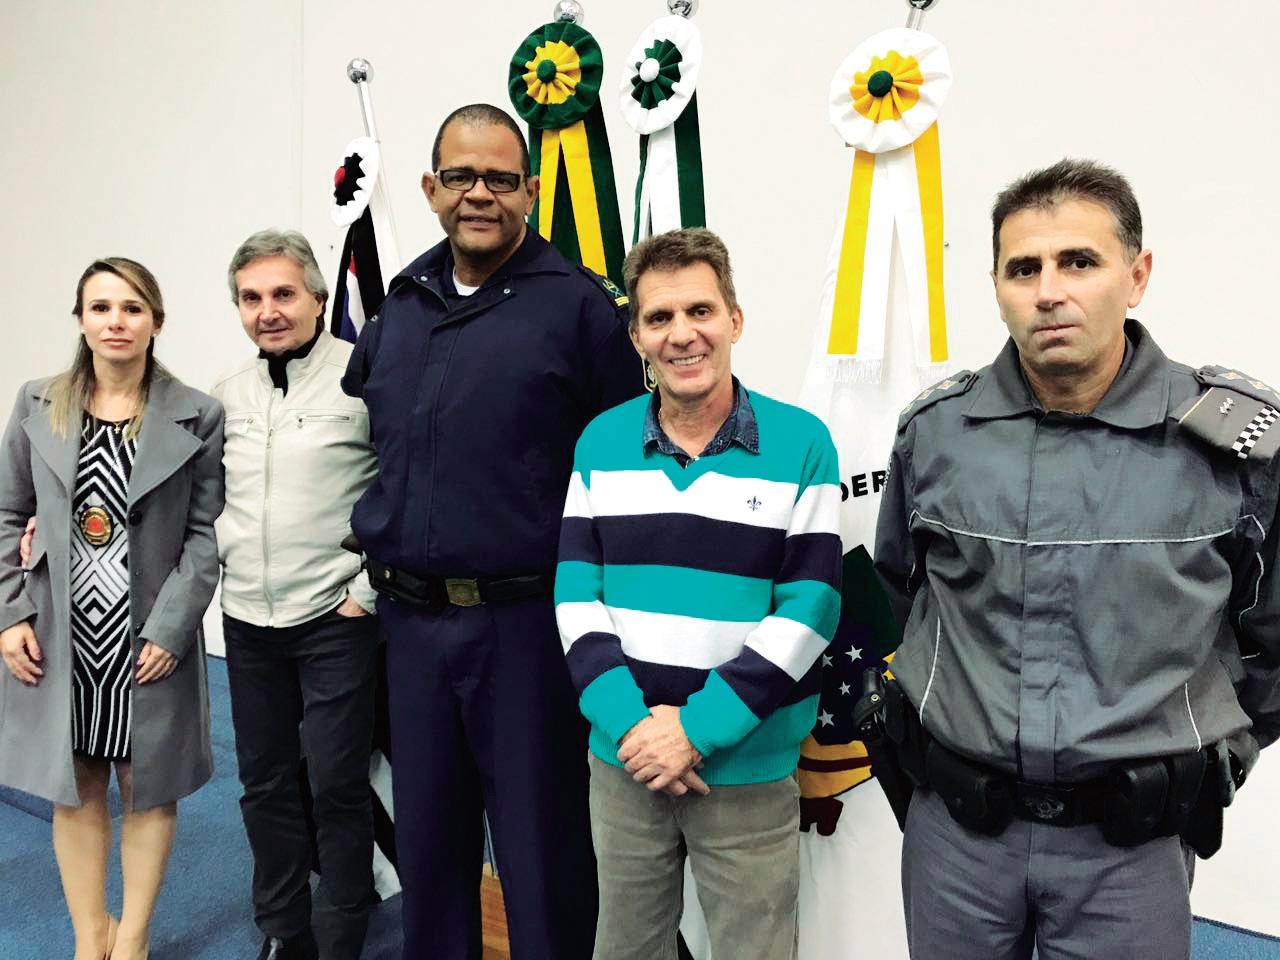 Dra Maria Luiza, delegada de Polícia de nossa cidade; vereador Flário de Carvalho; GM Teixeira, Zatinha, assessor de gabinete da presidência e o capitão PM Donisete.